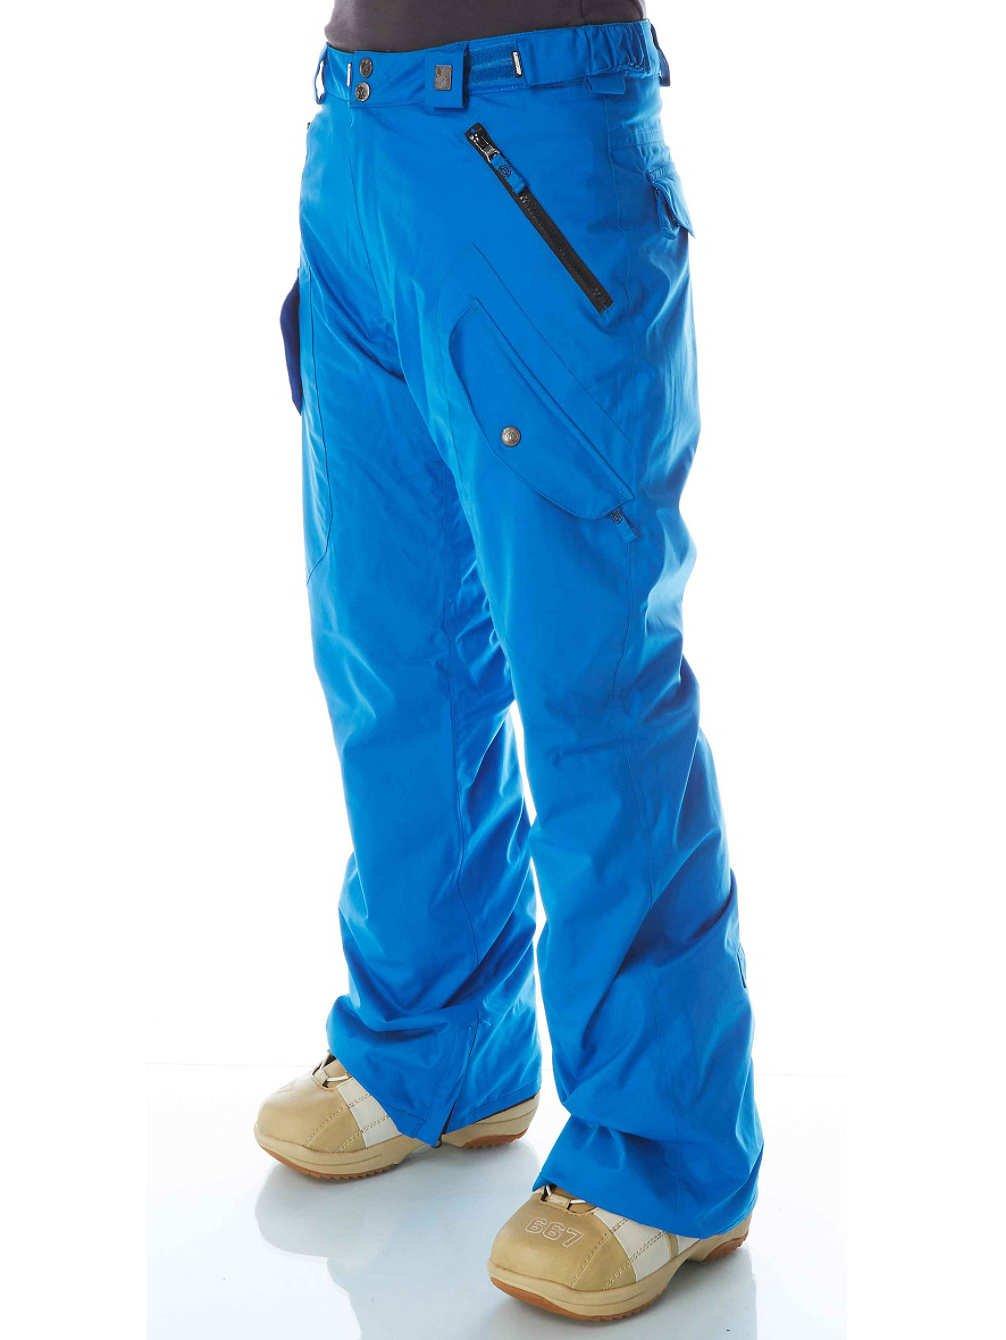 Light Damen Snowboard Hose Barb günstig bestellen